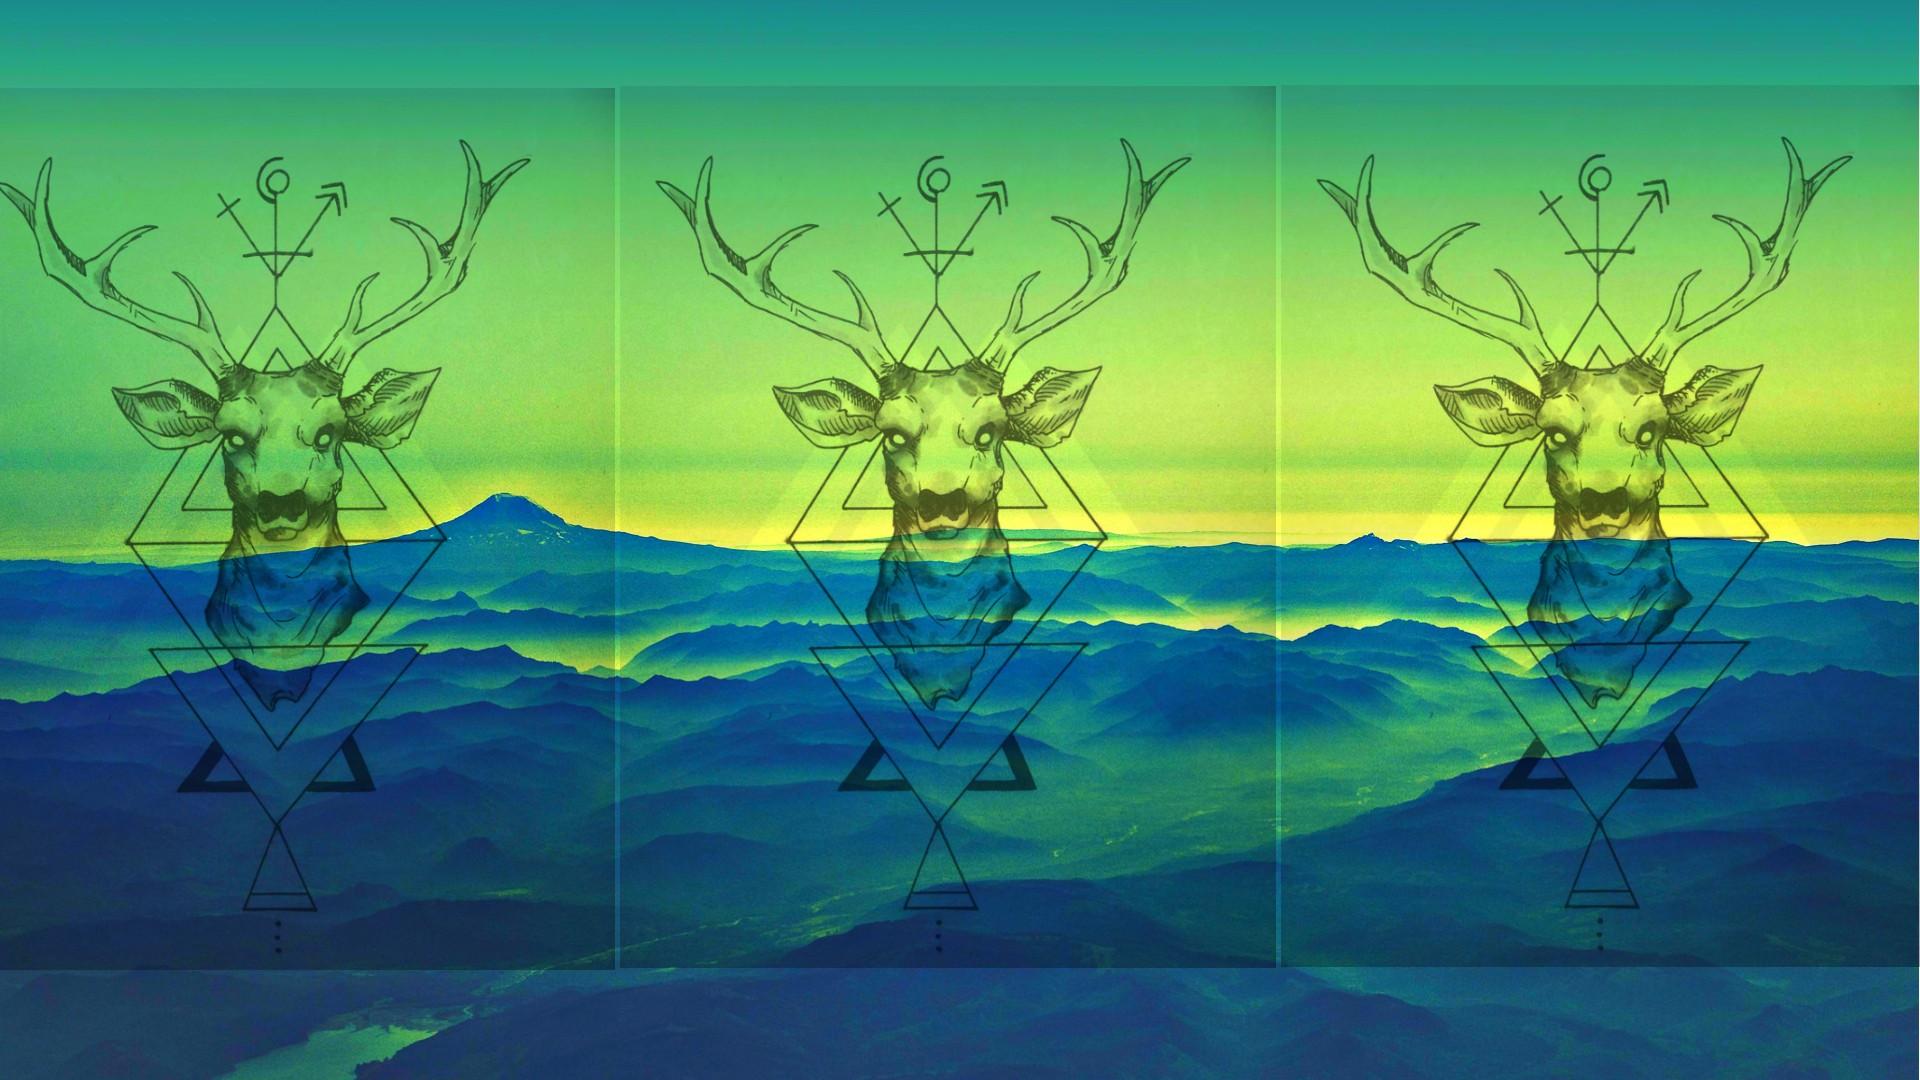 Wallpaper Pemandangan Gambar Ilustrasi Pegunungan Rusa Seni